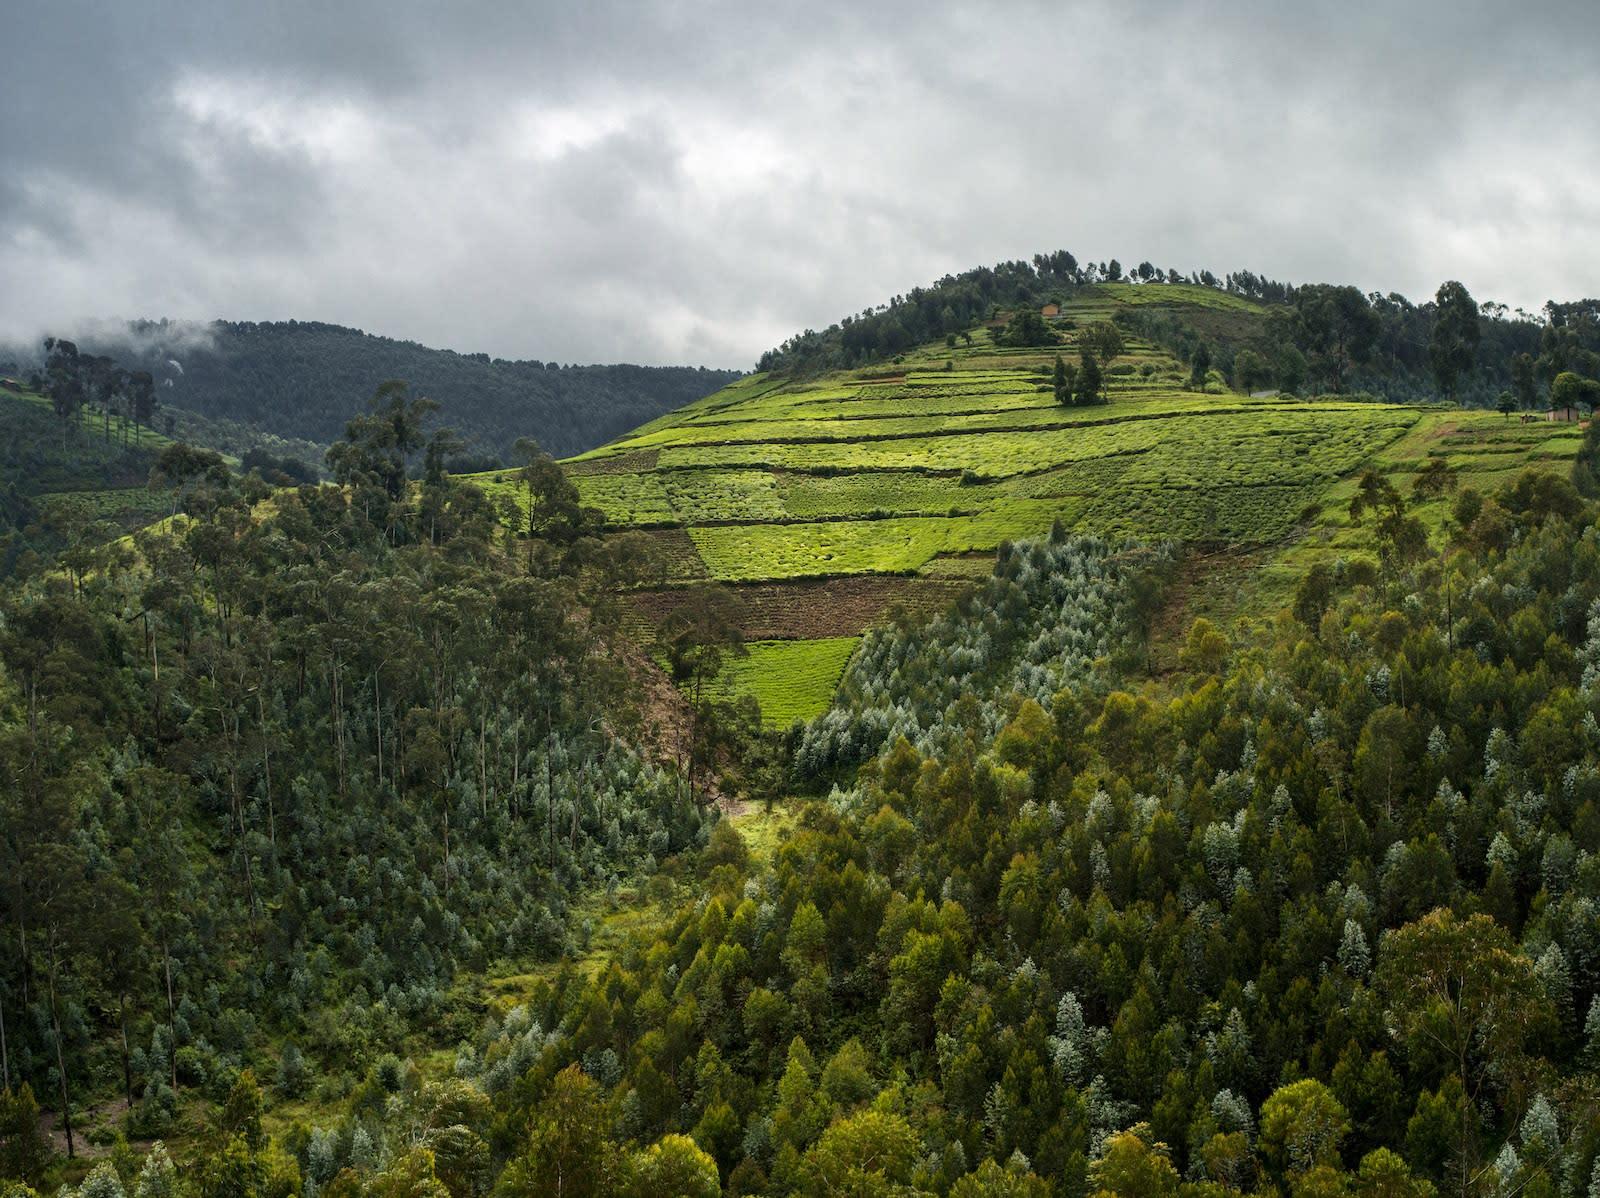 Alexis Cordesse, Sans titre, Forêt primaire de Nyungwe, Rwanda, 2013